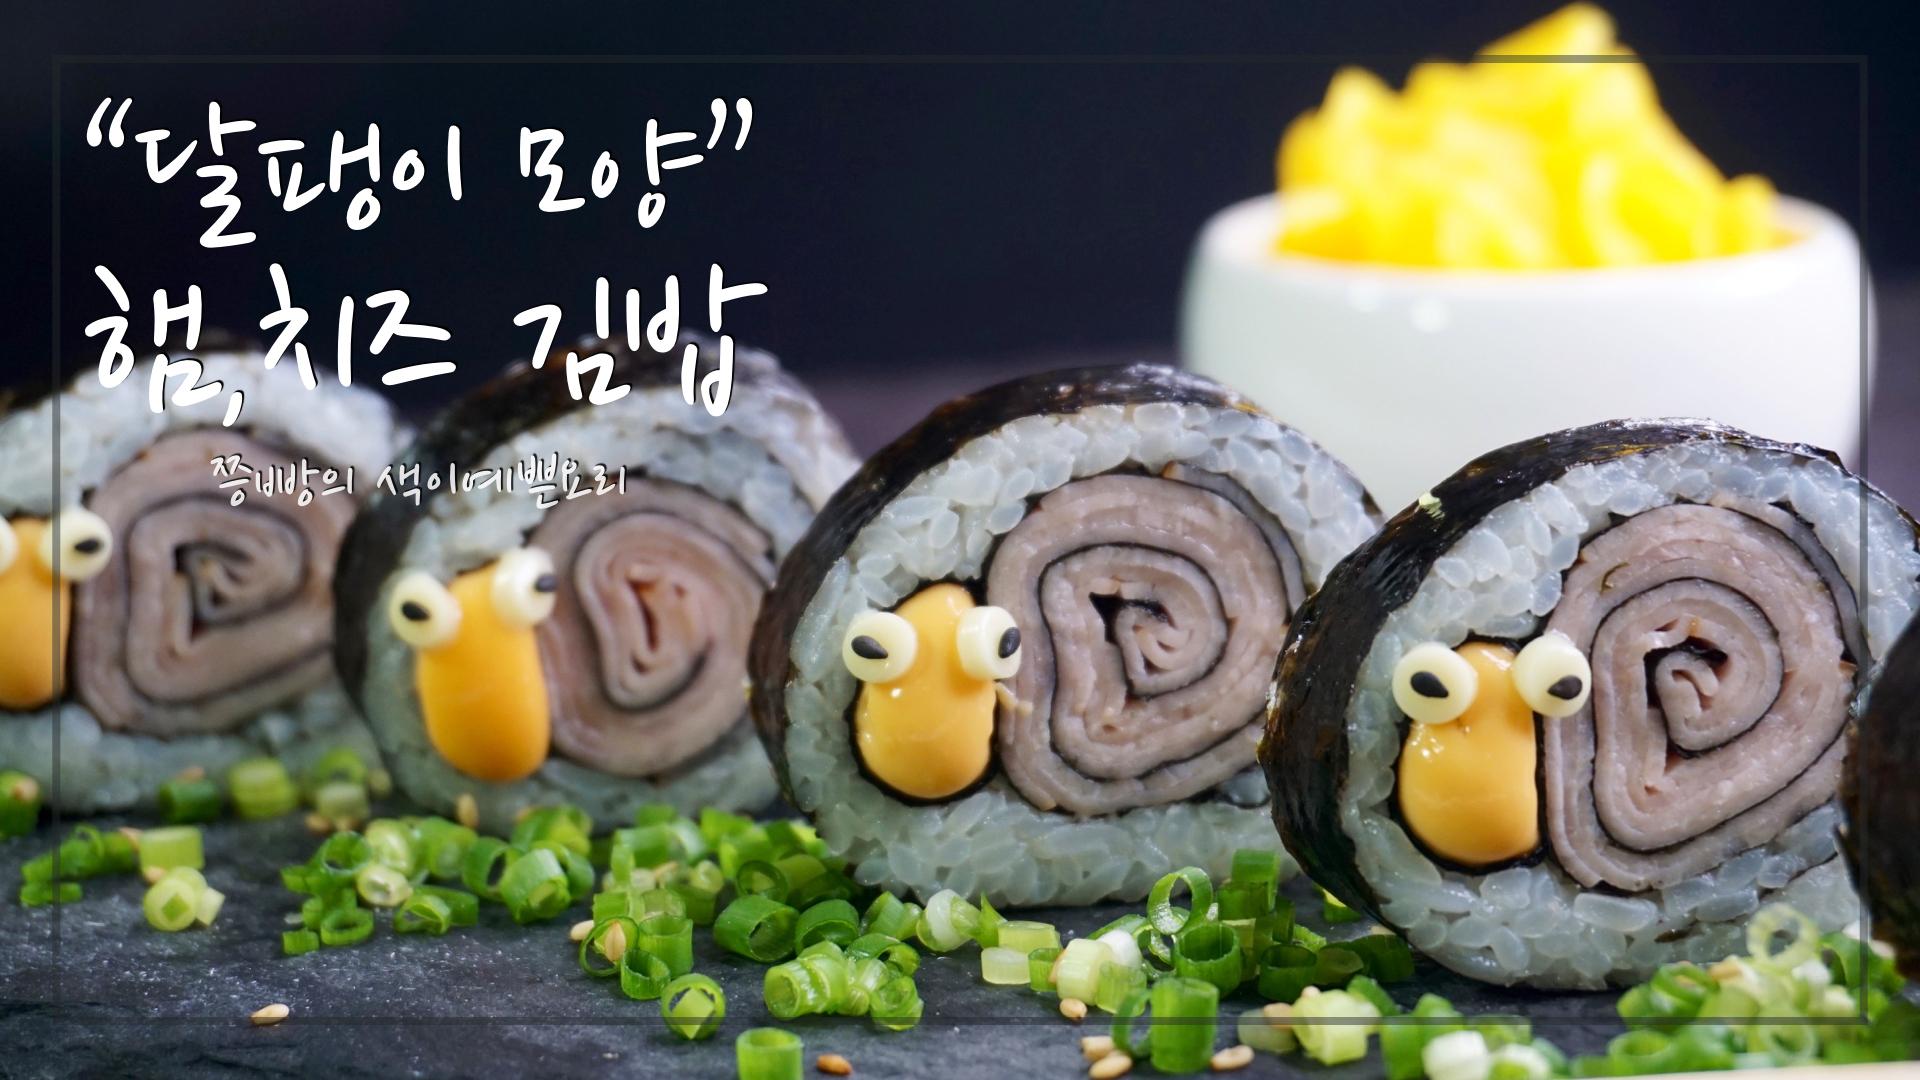 나들이 도시락으로 좋은 예쁜 달팽이 캐릭터 김밥 만드는 방법,달팽이 모양의 햄,치즈김밥